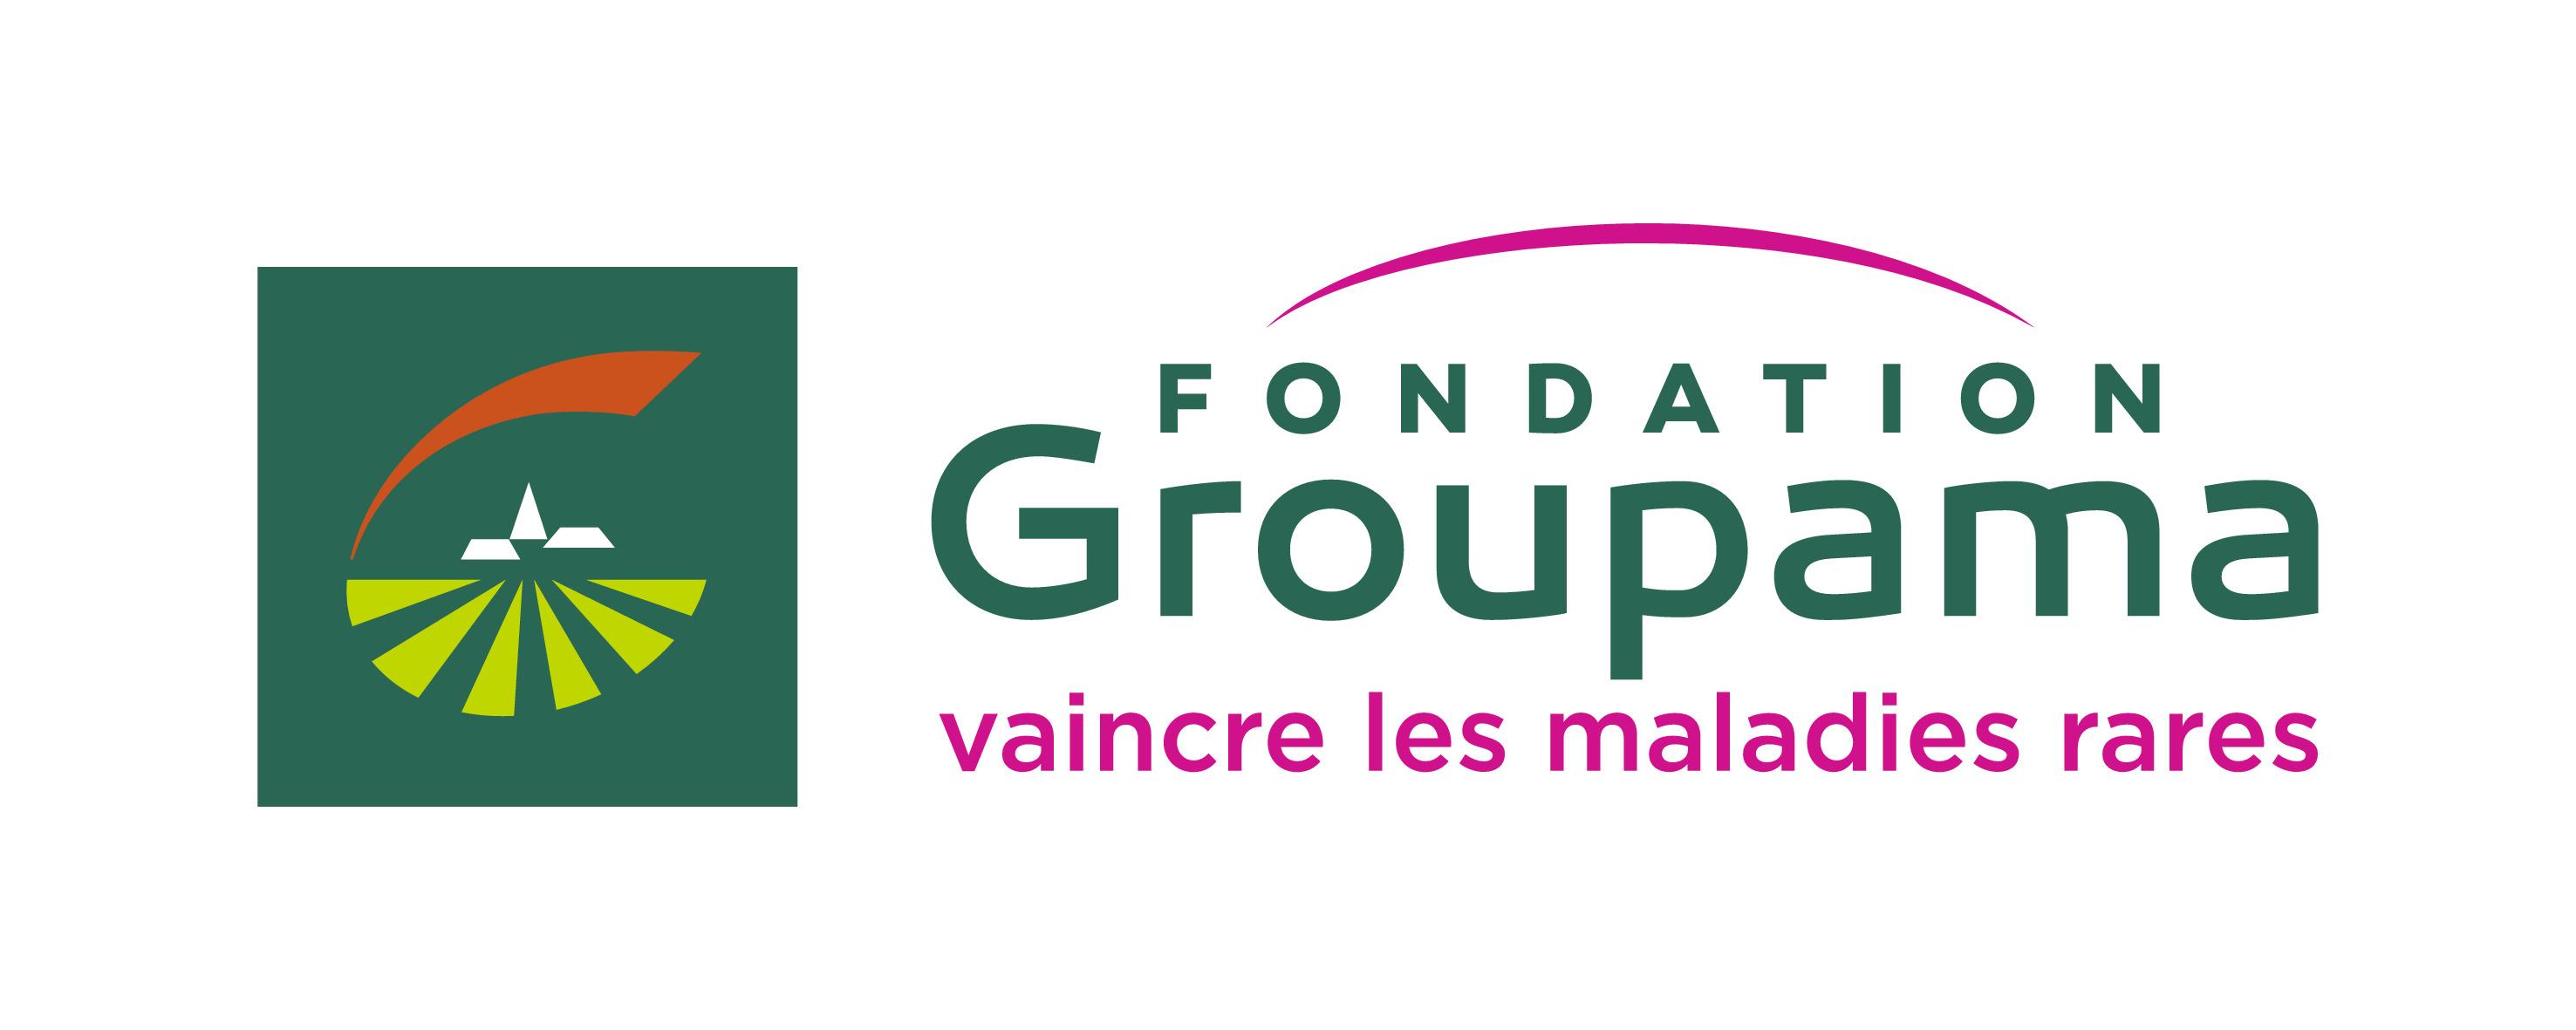 Fondation Groupama pour la santé : vaincre les maladies rares